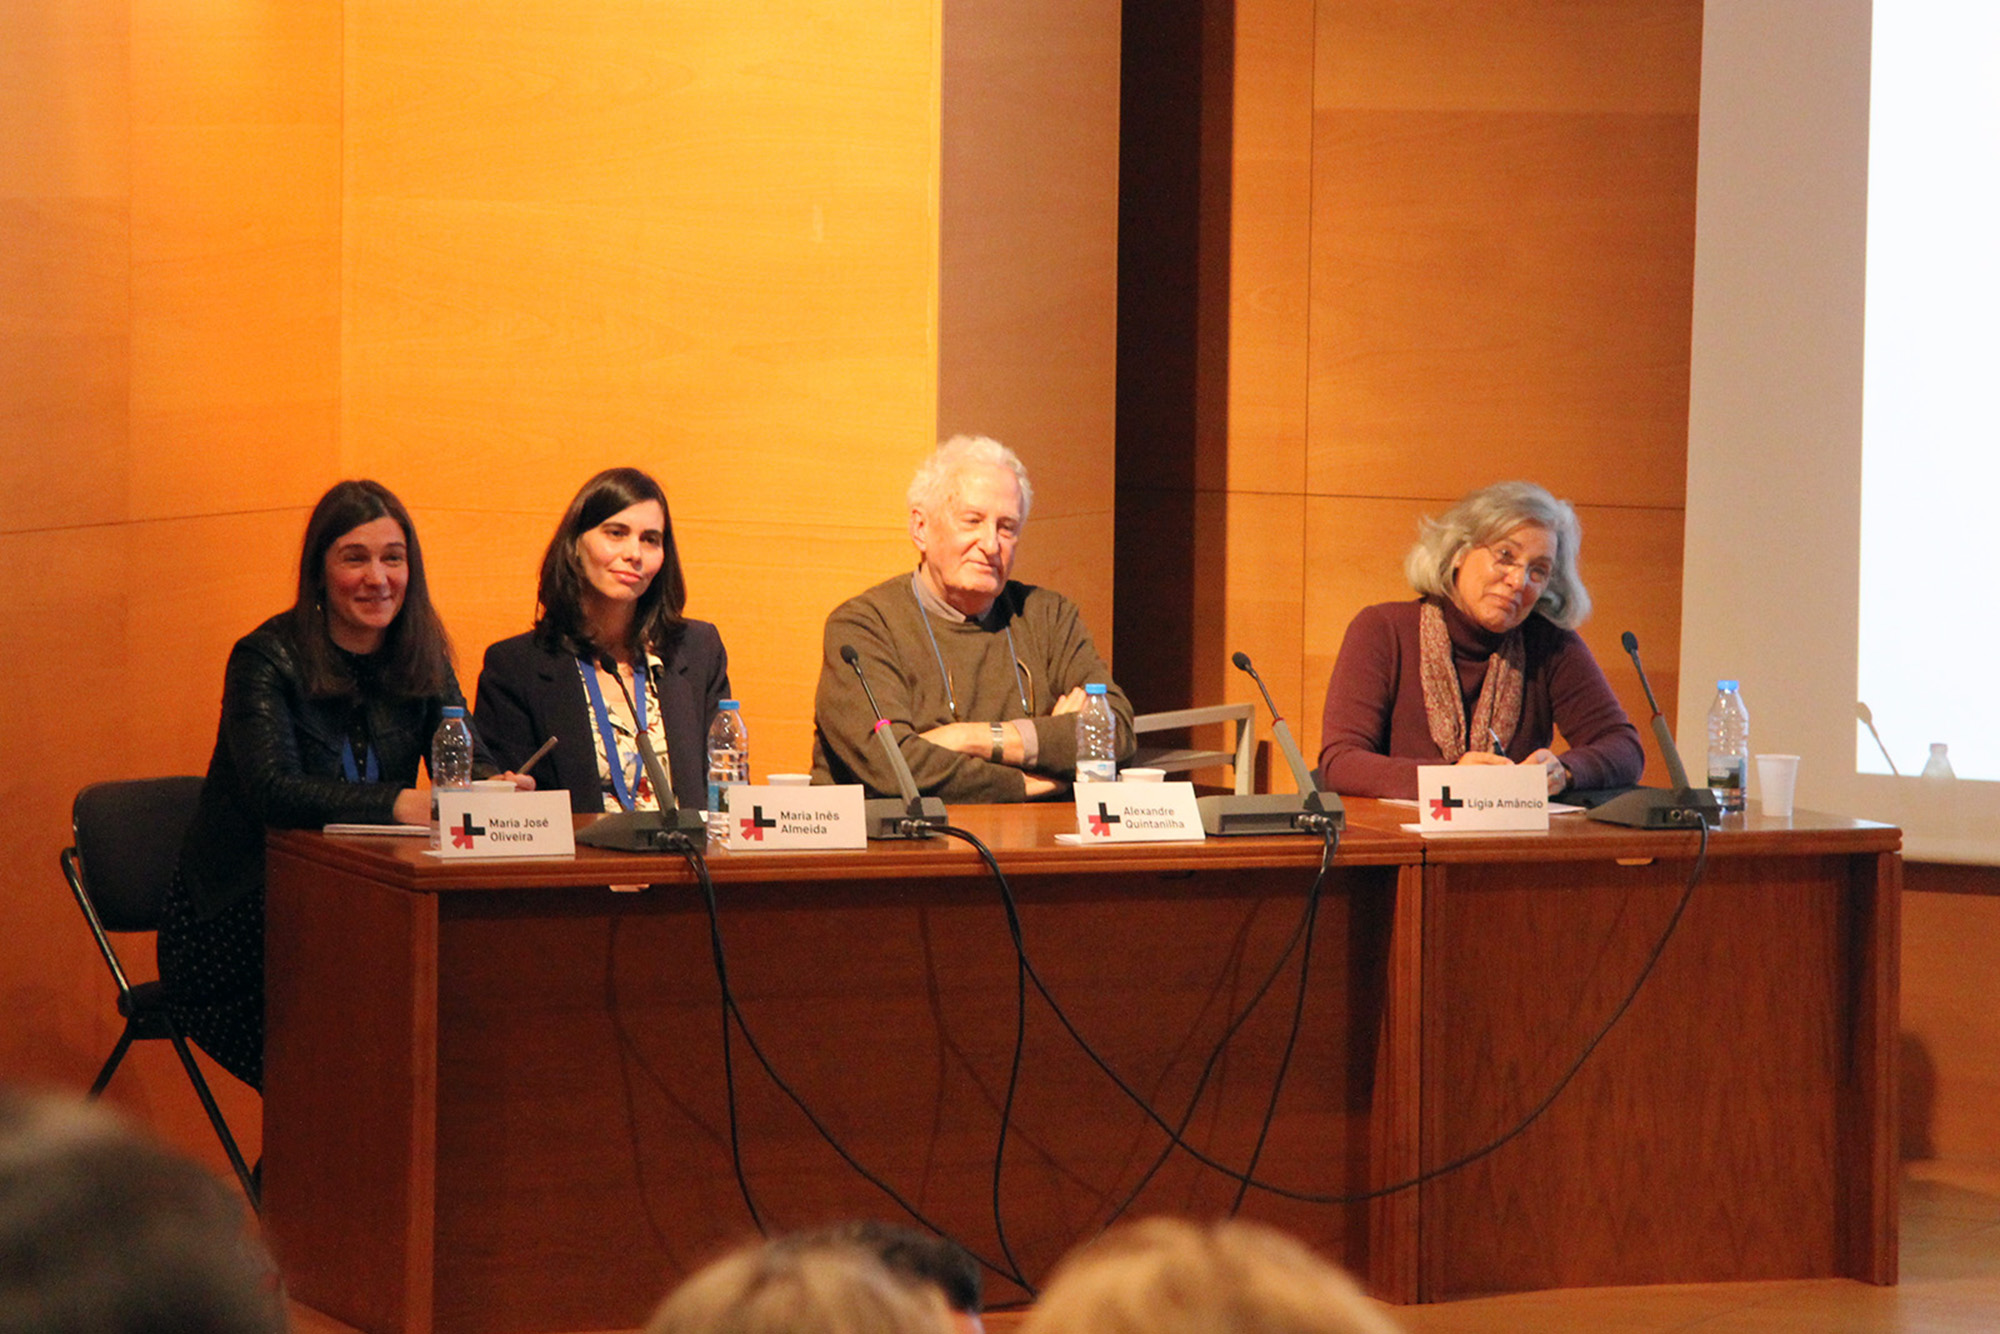 O painel de oradores incluiu Lígia Amâncio, Alexandre Quintanilha, Maria Inês Almeida e Maria José Oliveira.